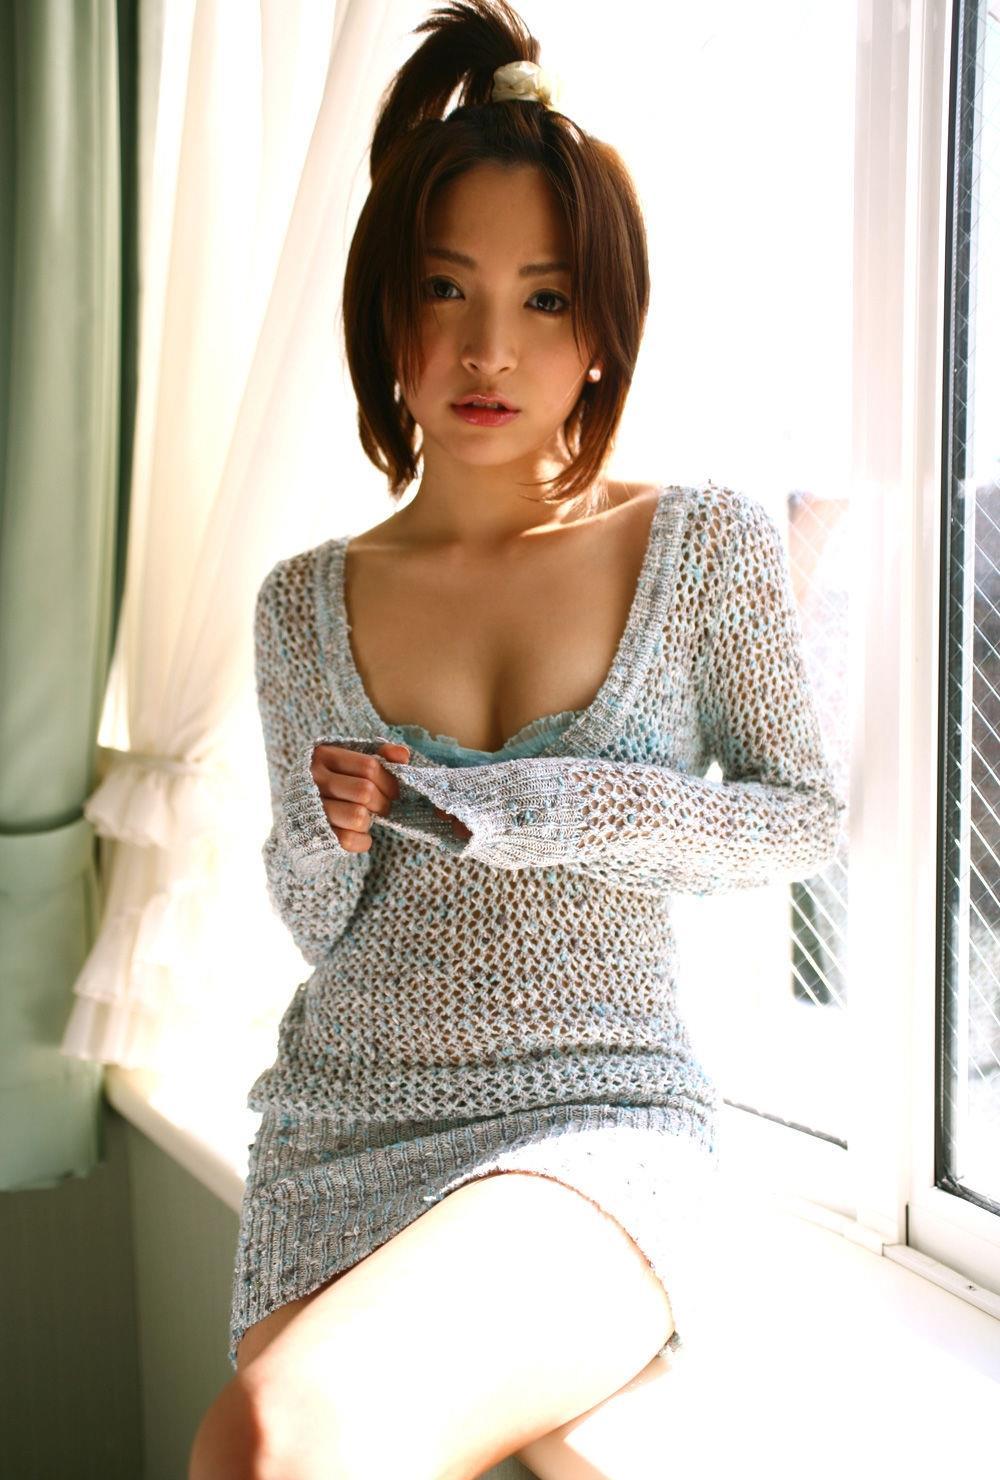 田中涼子 画像 22